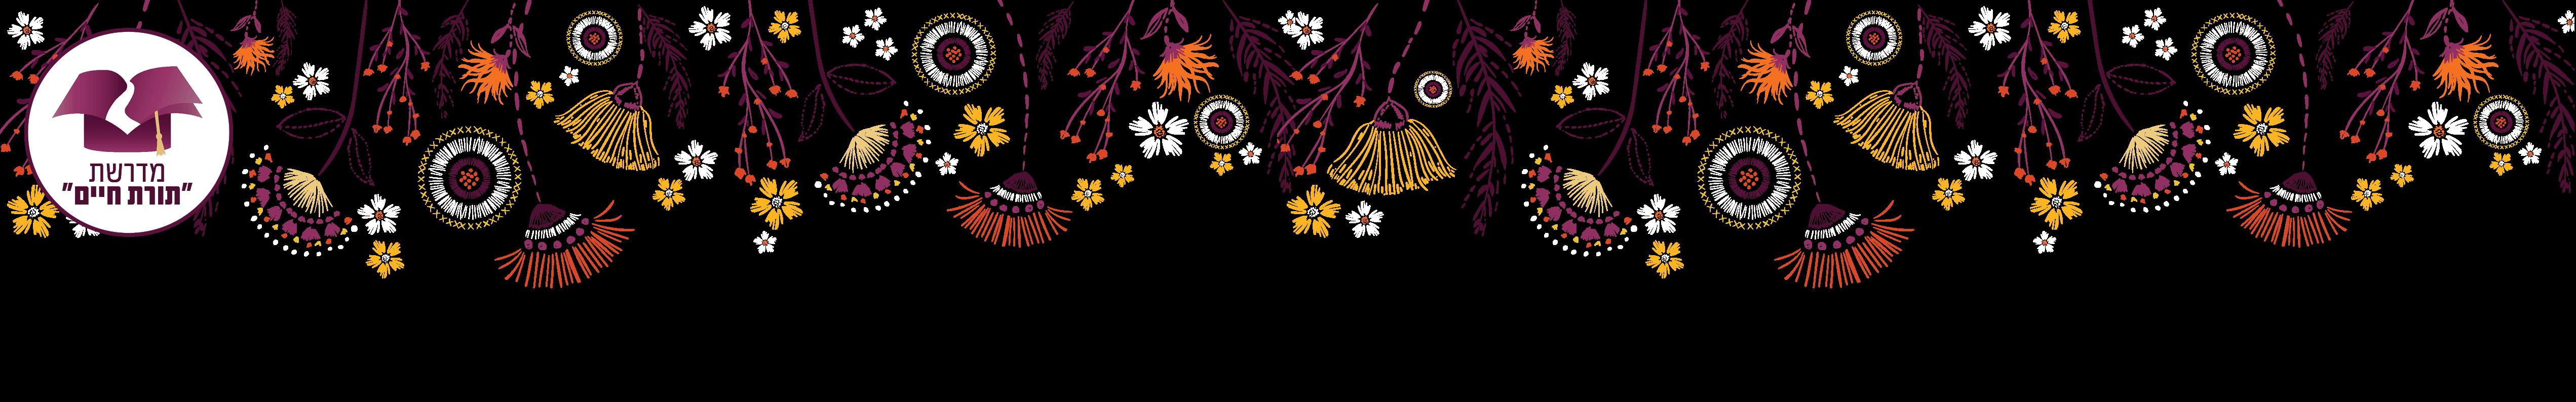 פרחים לקאבר